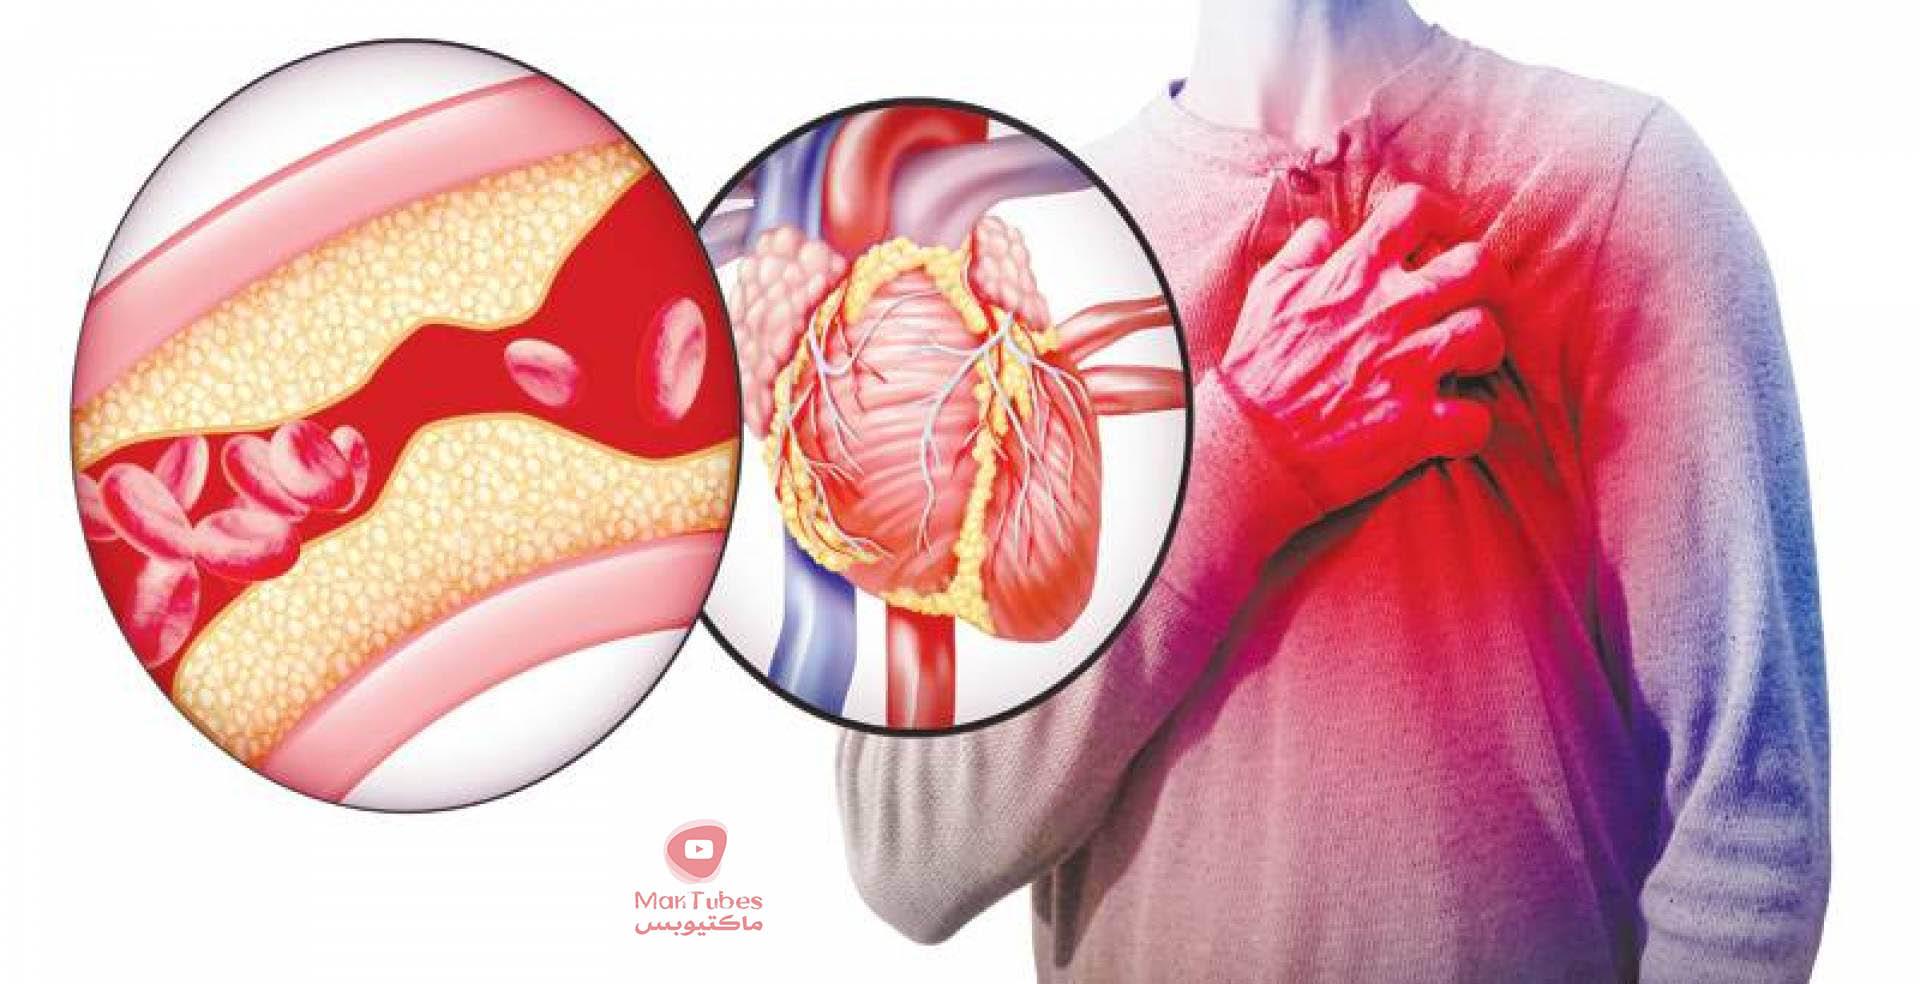 تخثر الدم طريقة لتخفيفه اثناء الصيام واسباب تخثر الدم في الساق والعلاجات المقترحة